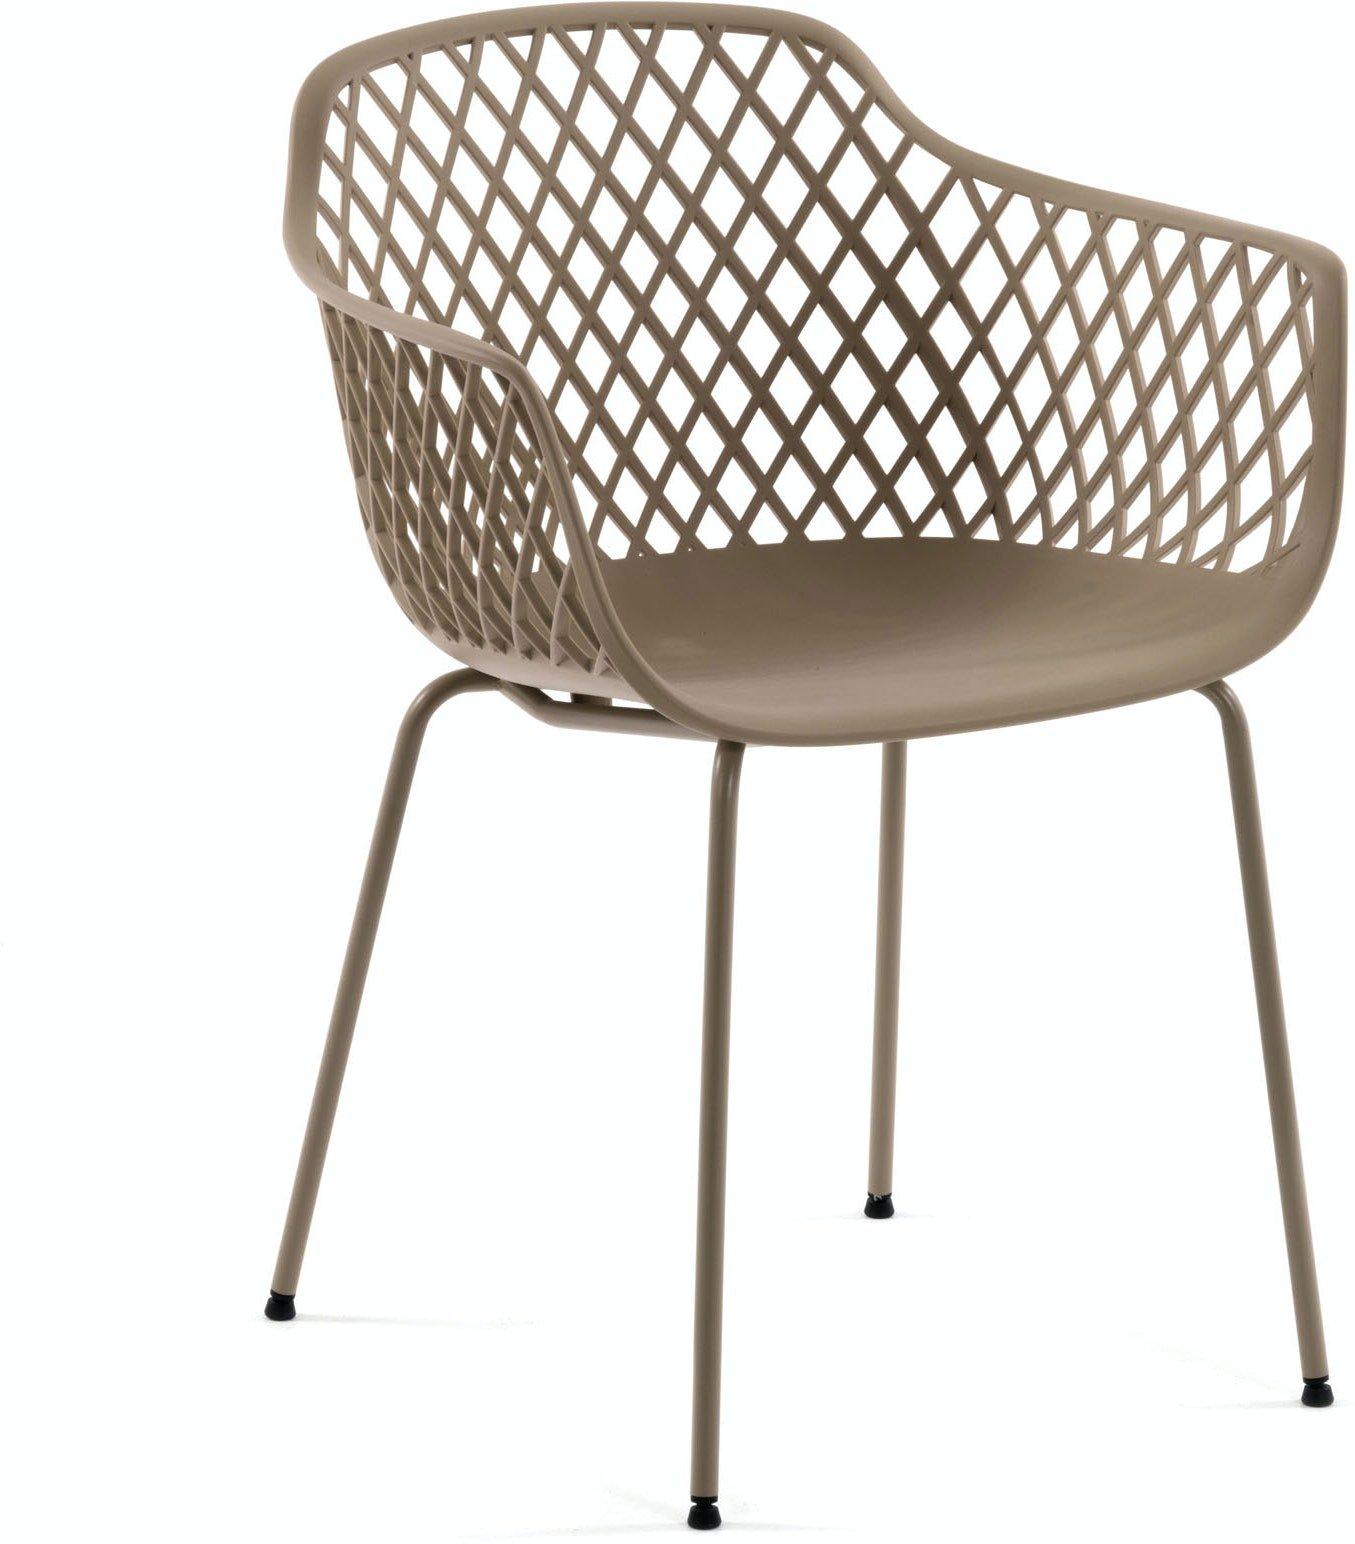 Quinn, Spisebordsstol til udendørs- og indendørsbrug by LaForma (H: 80 cm. B: 60 cm. L: 55 cm., Brun)